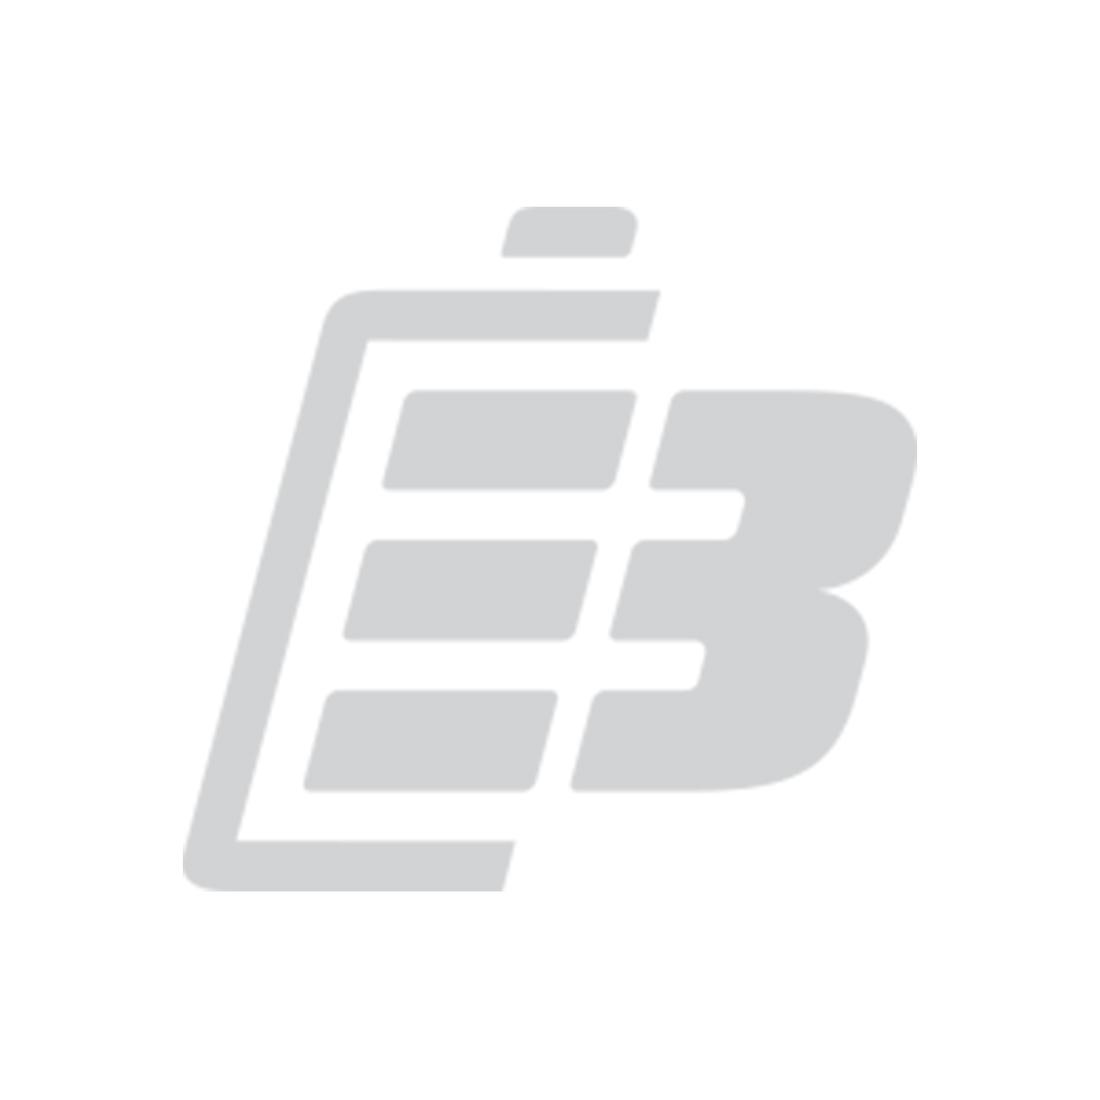 Μπαταρία κινητού τηλεφώνου Samsung B2100_1